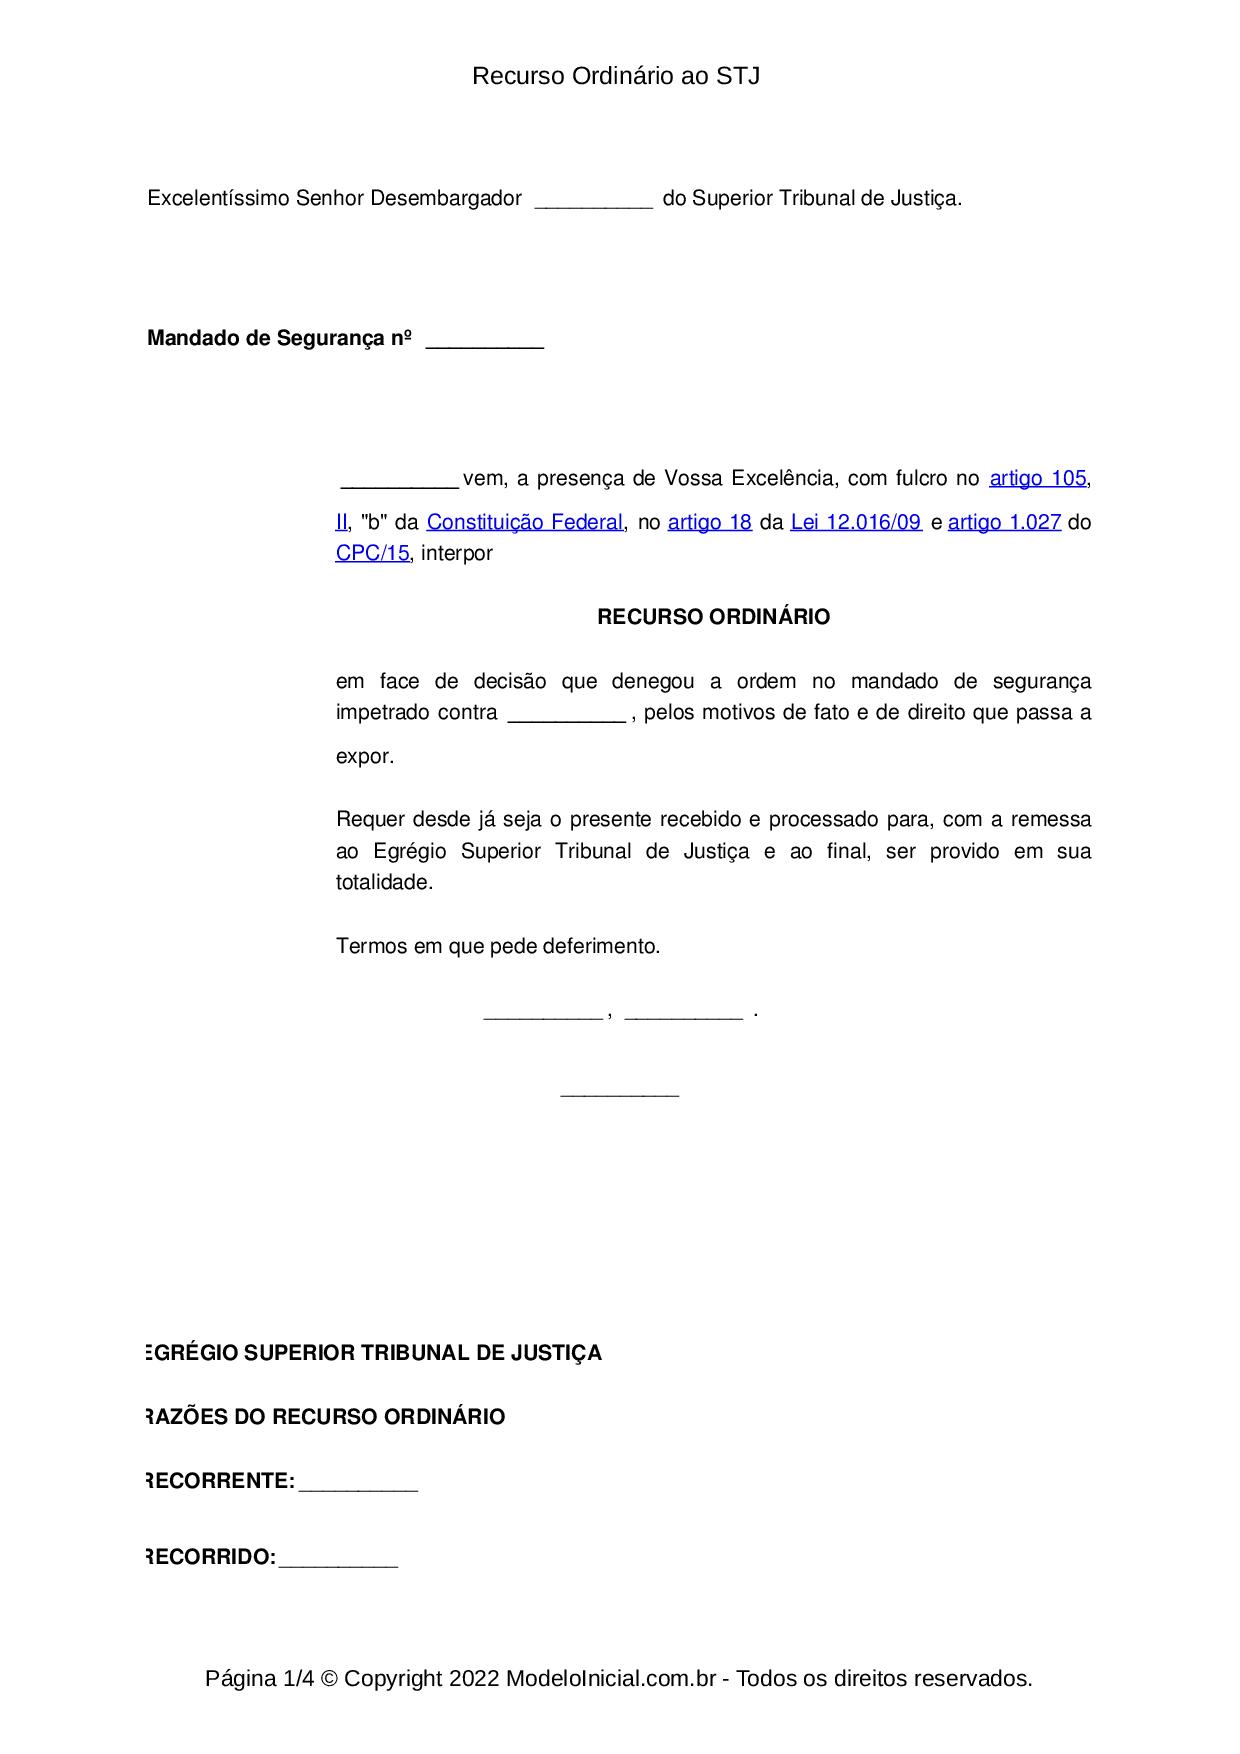 Modelo Recurso Ordinário Constitucional